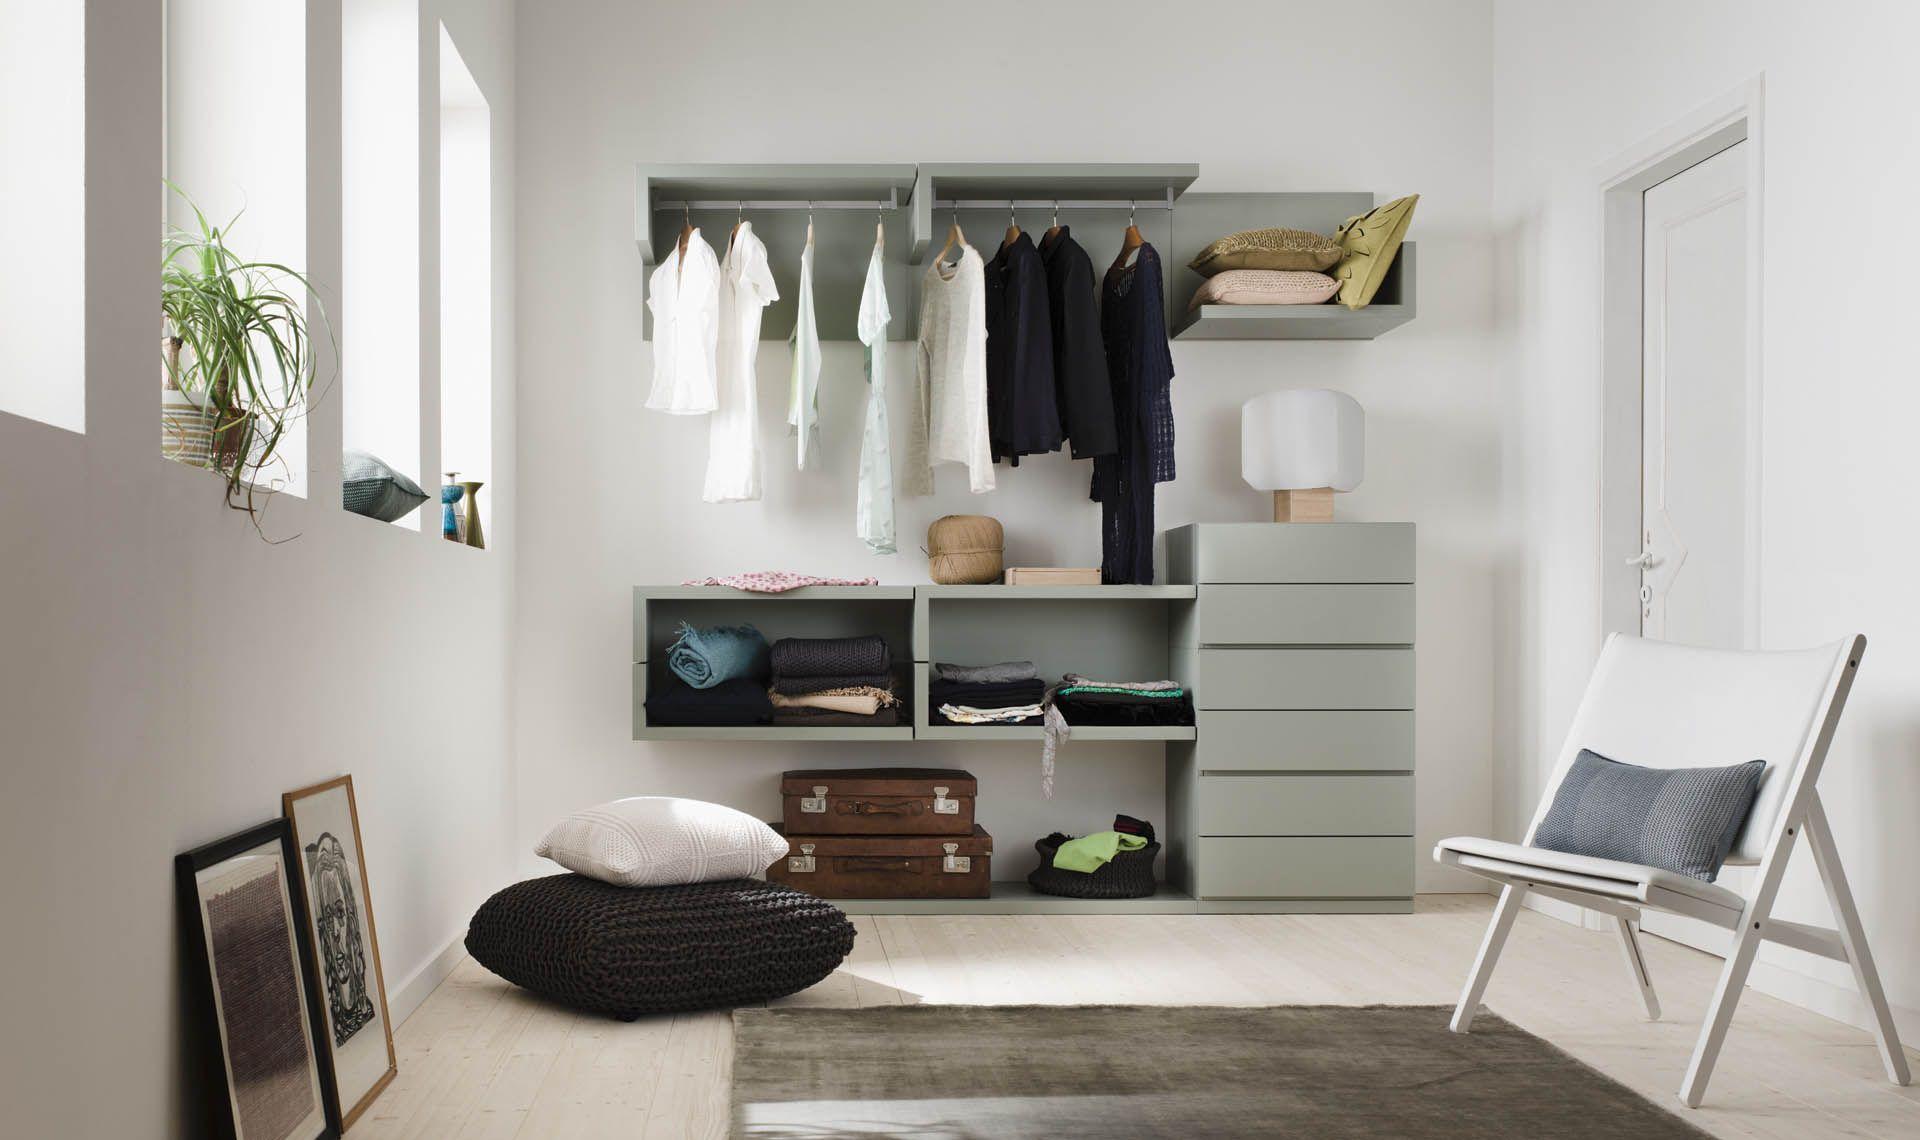 Cabina Armadio Home Decor : Cabina armadio di alf da frè lartdevivre arredamento online